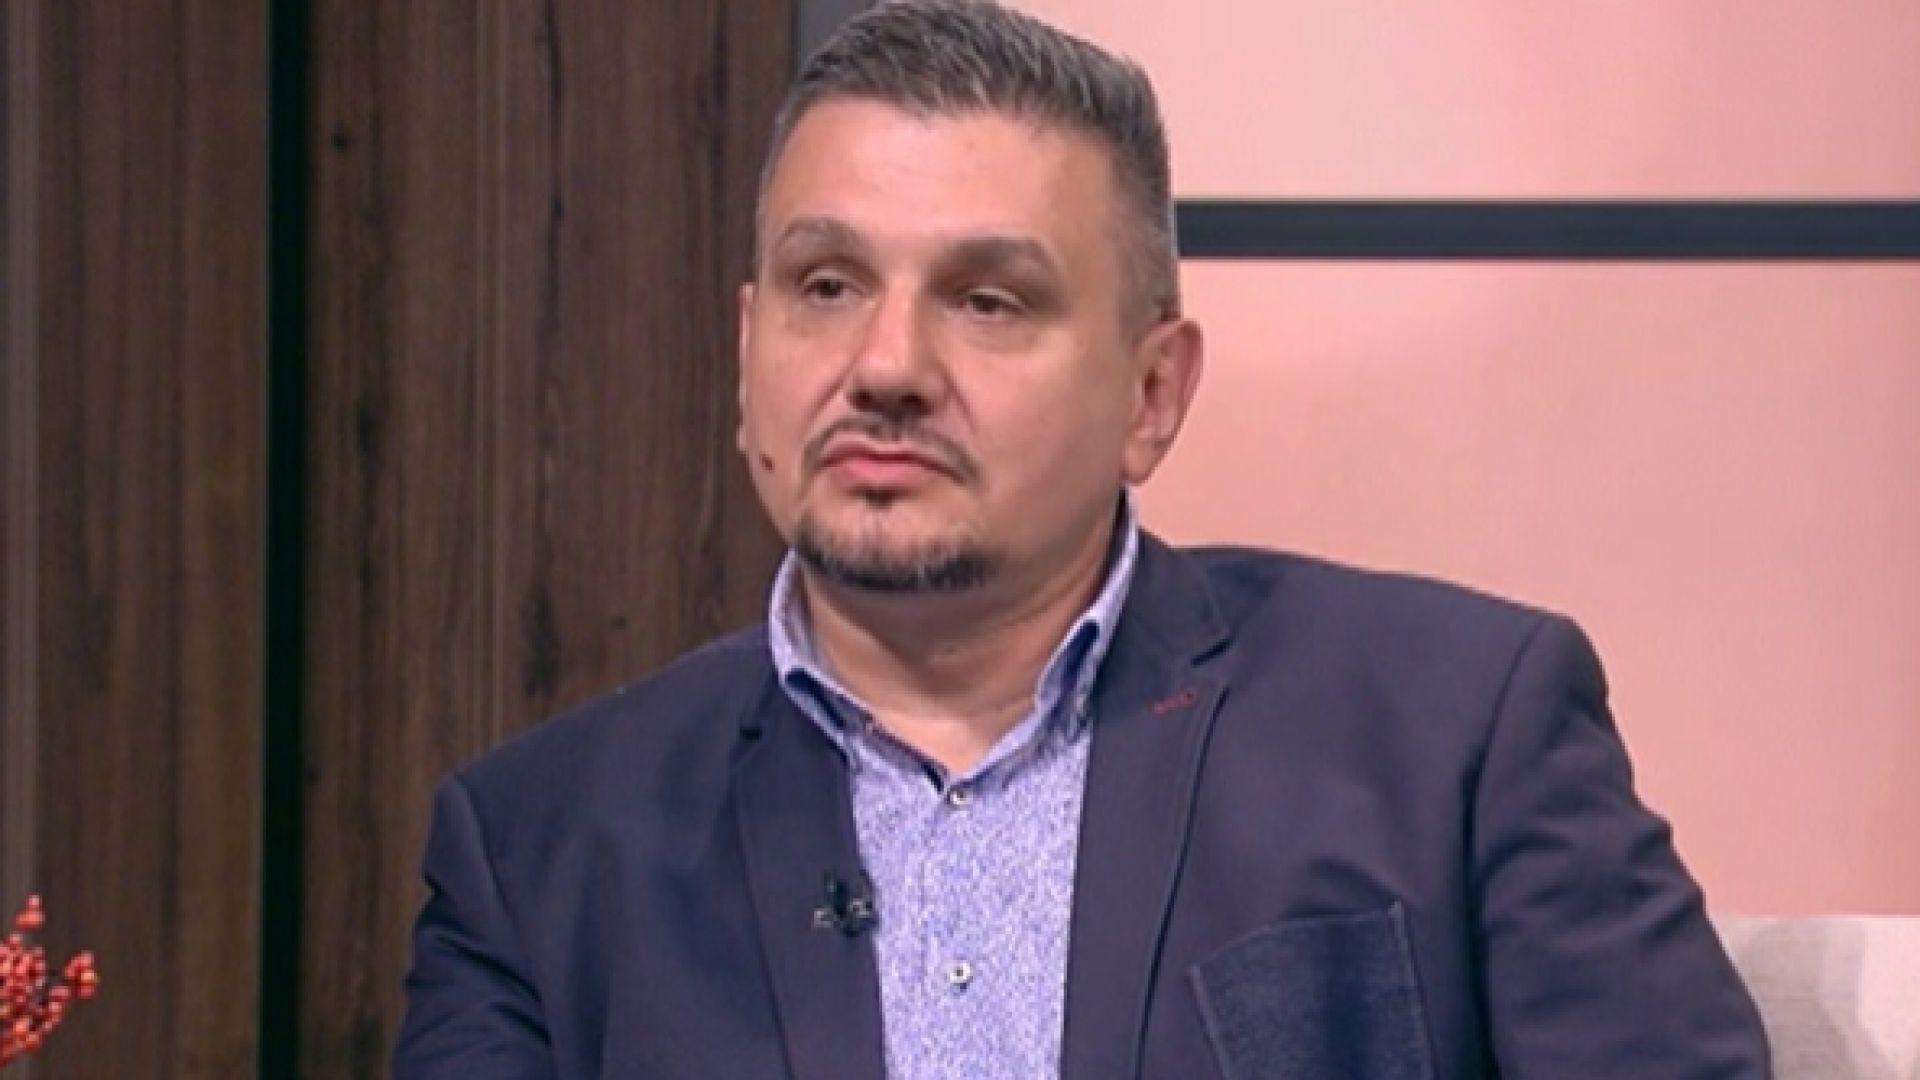 Криминален психолог: Престъпленията ще зачестят, в такива времена хората задоволяват елементарни нужди